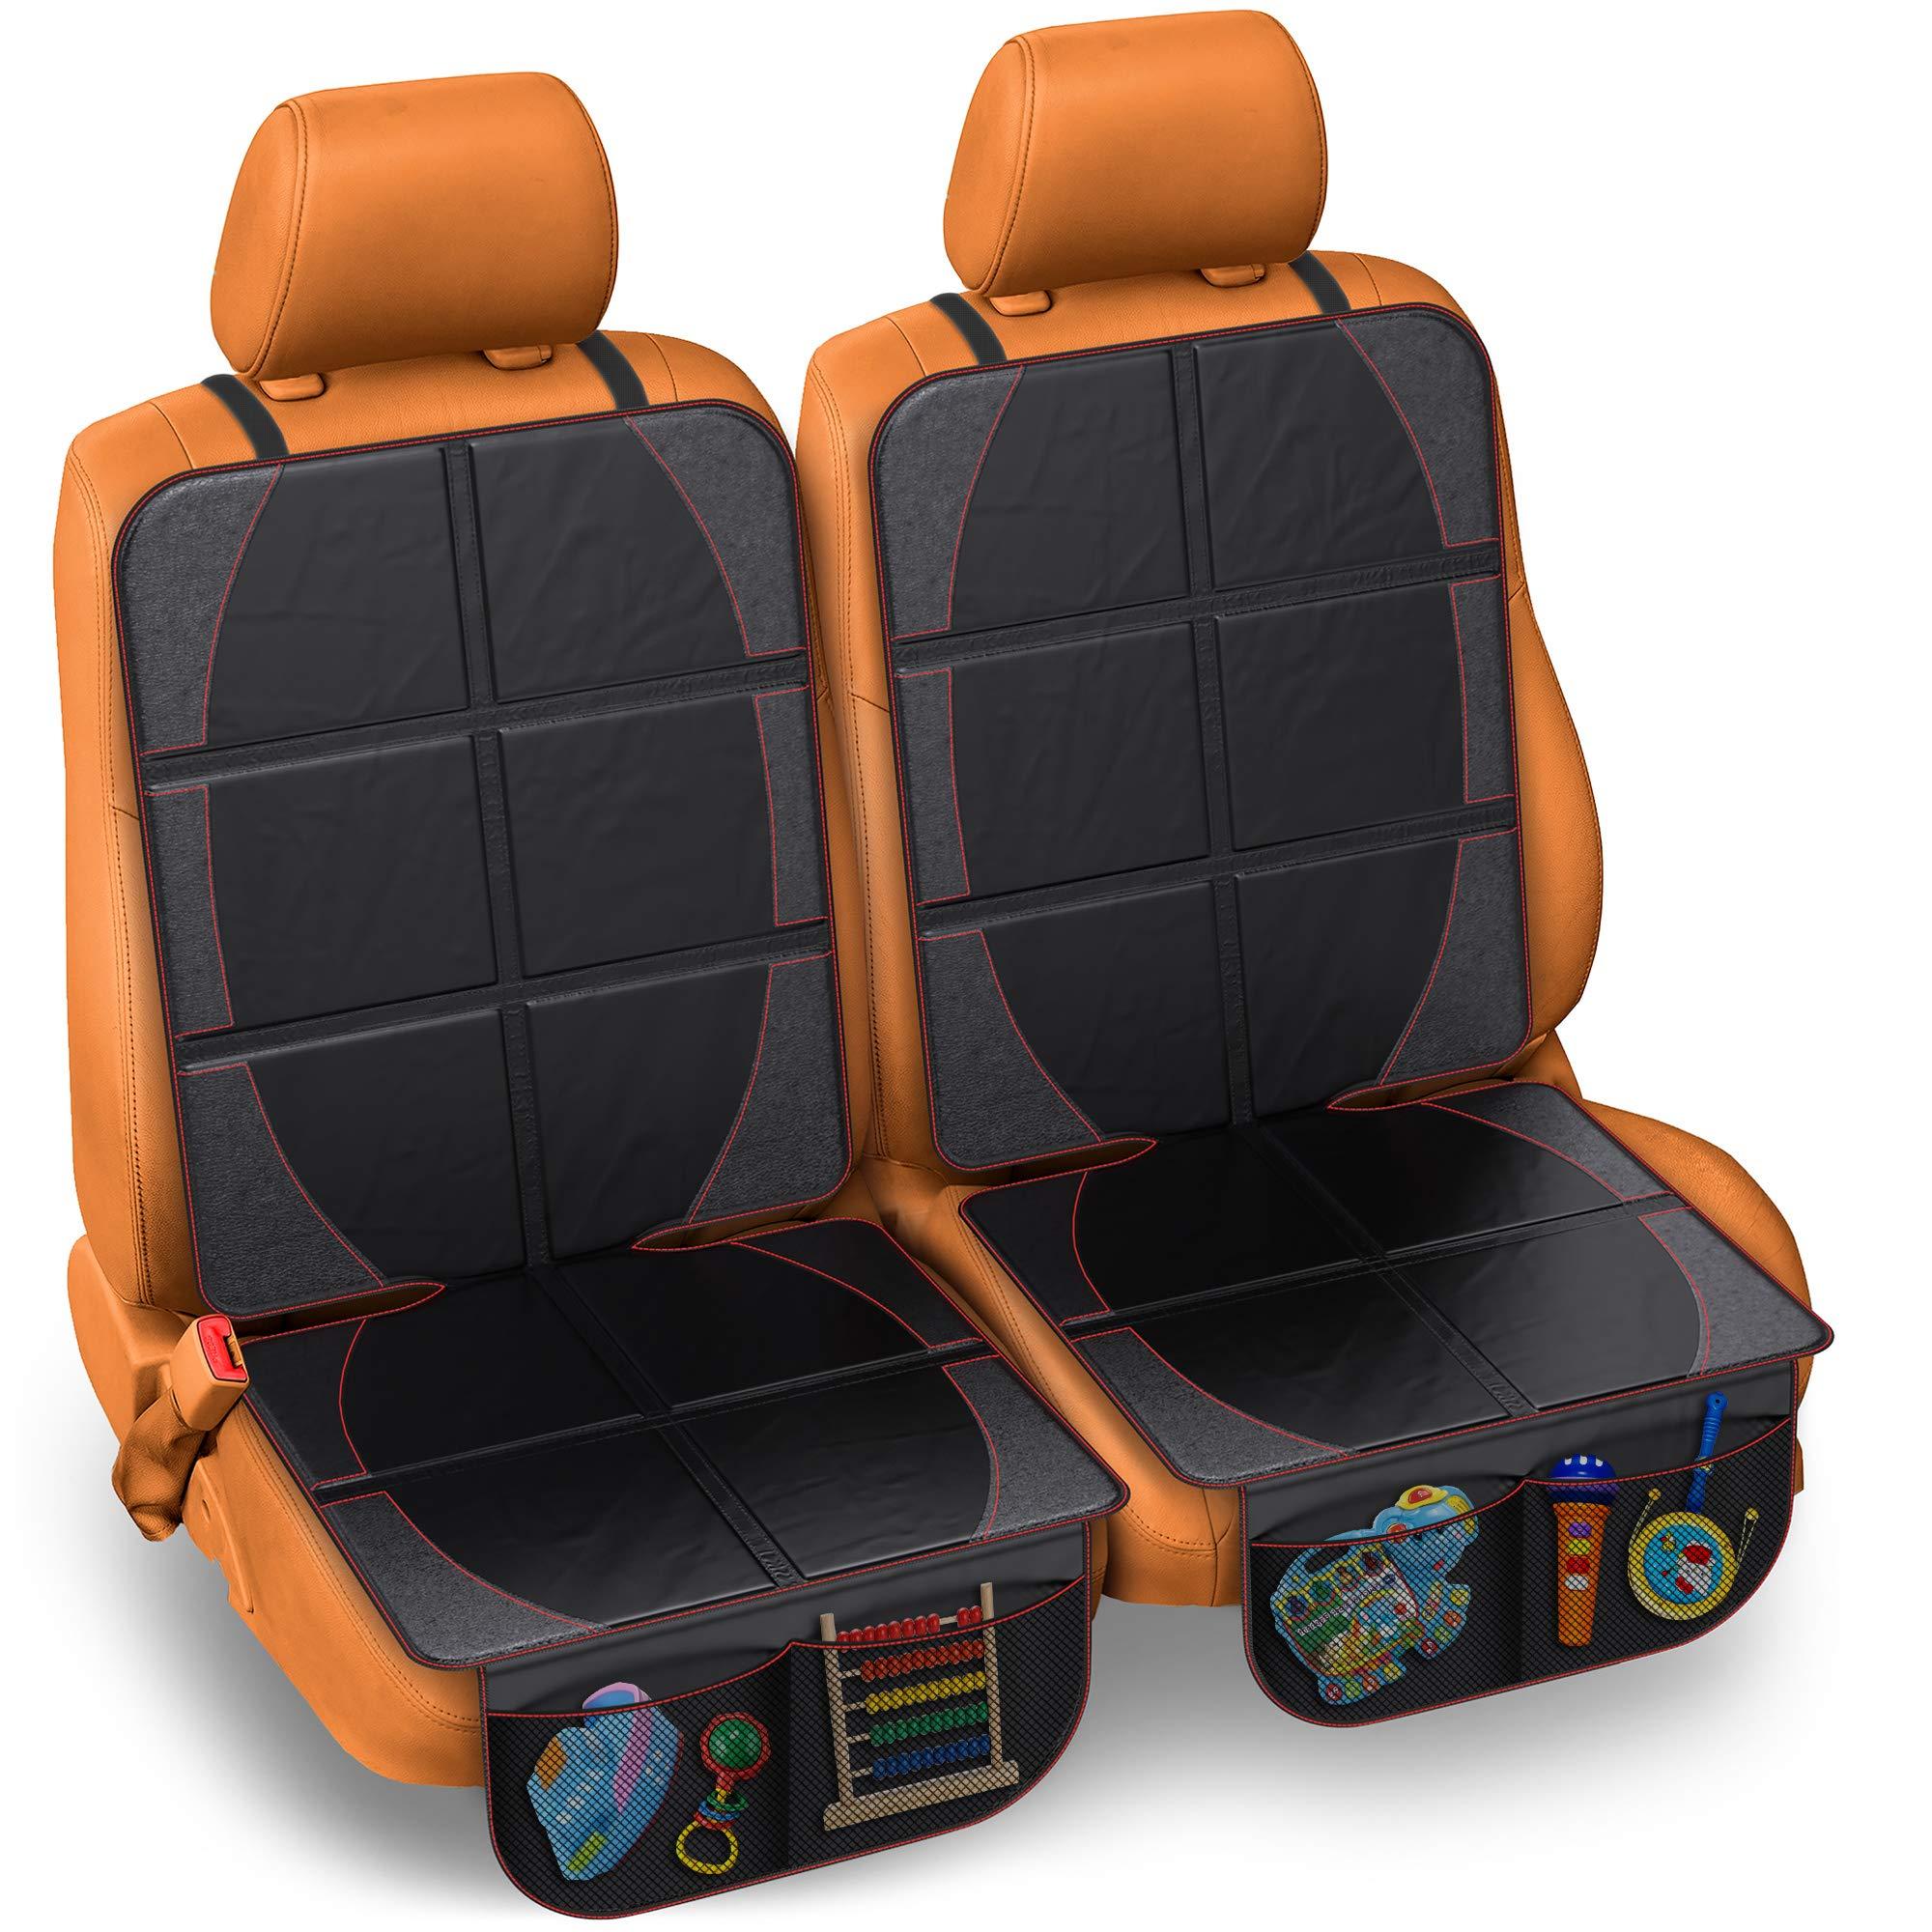 Cubre Asientos Para Autos Protector de Asiento de Coche Para Bebé y Niño Pequeño